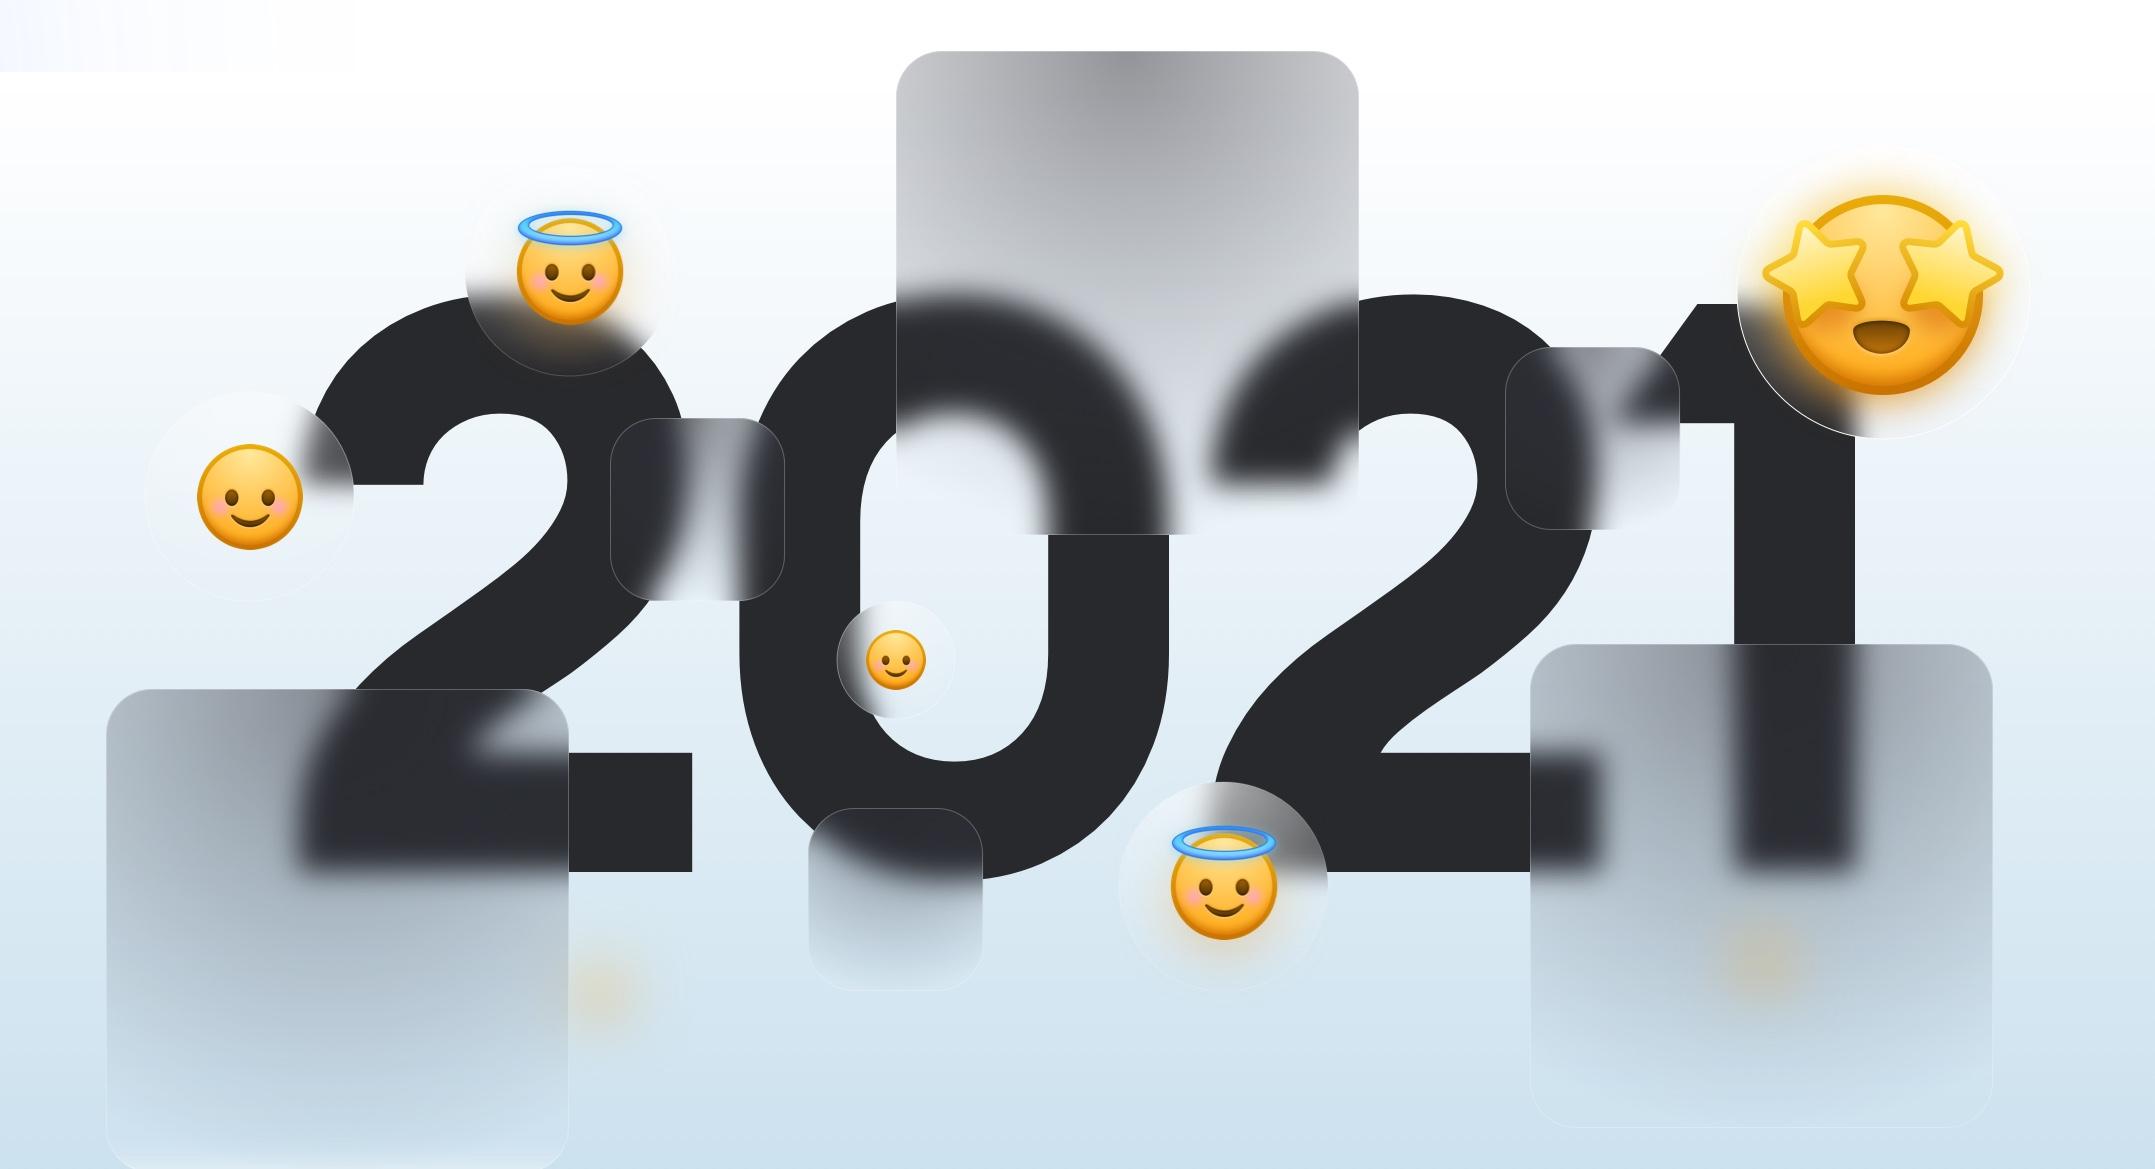 Glassmorphism in 2021